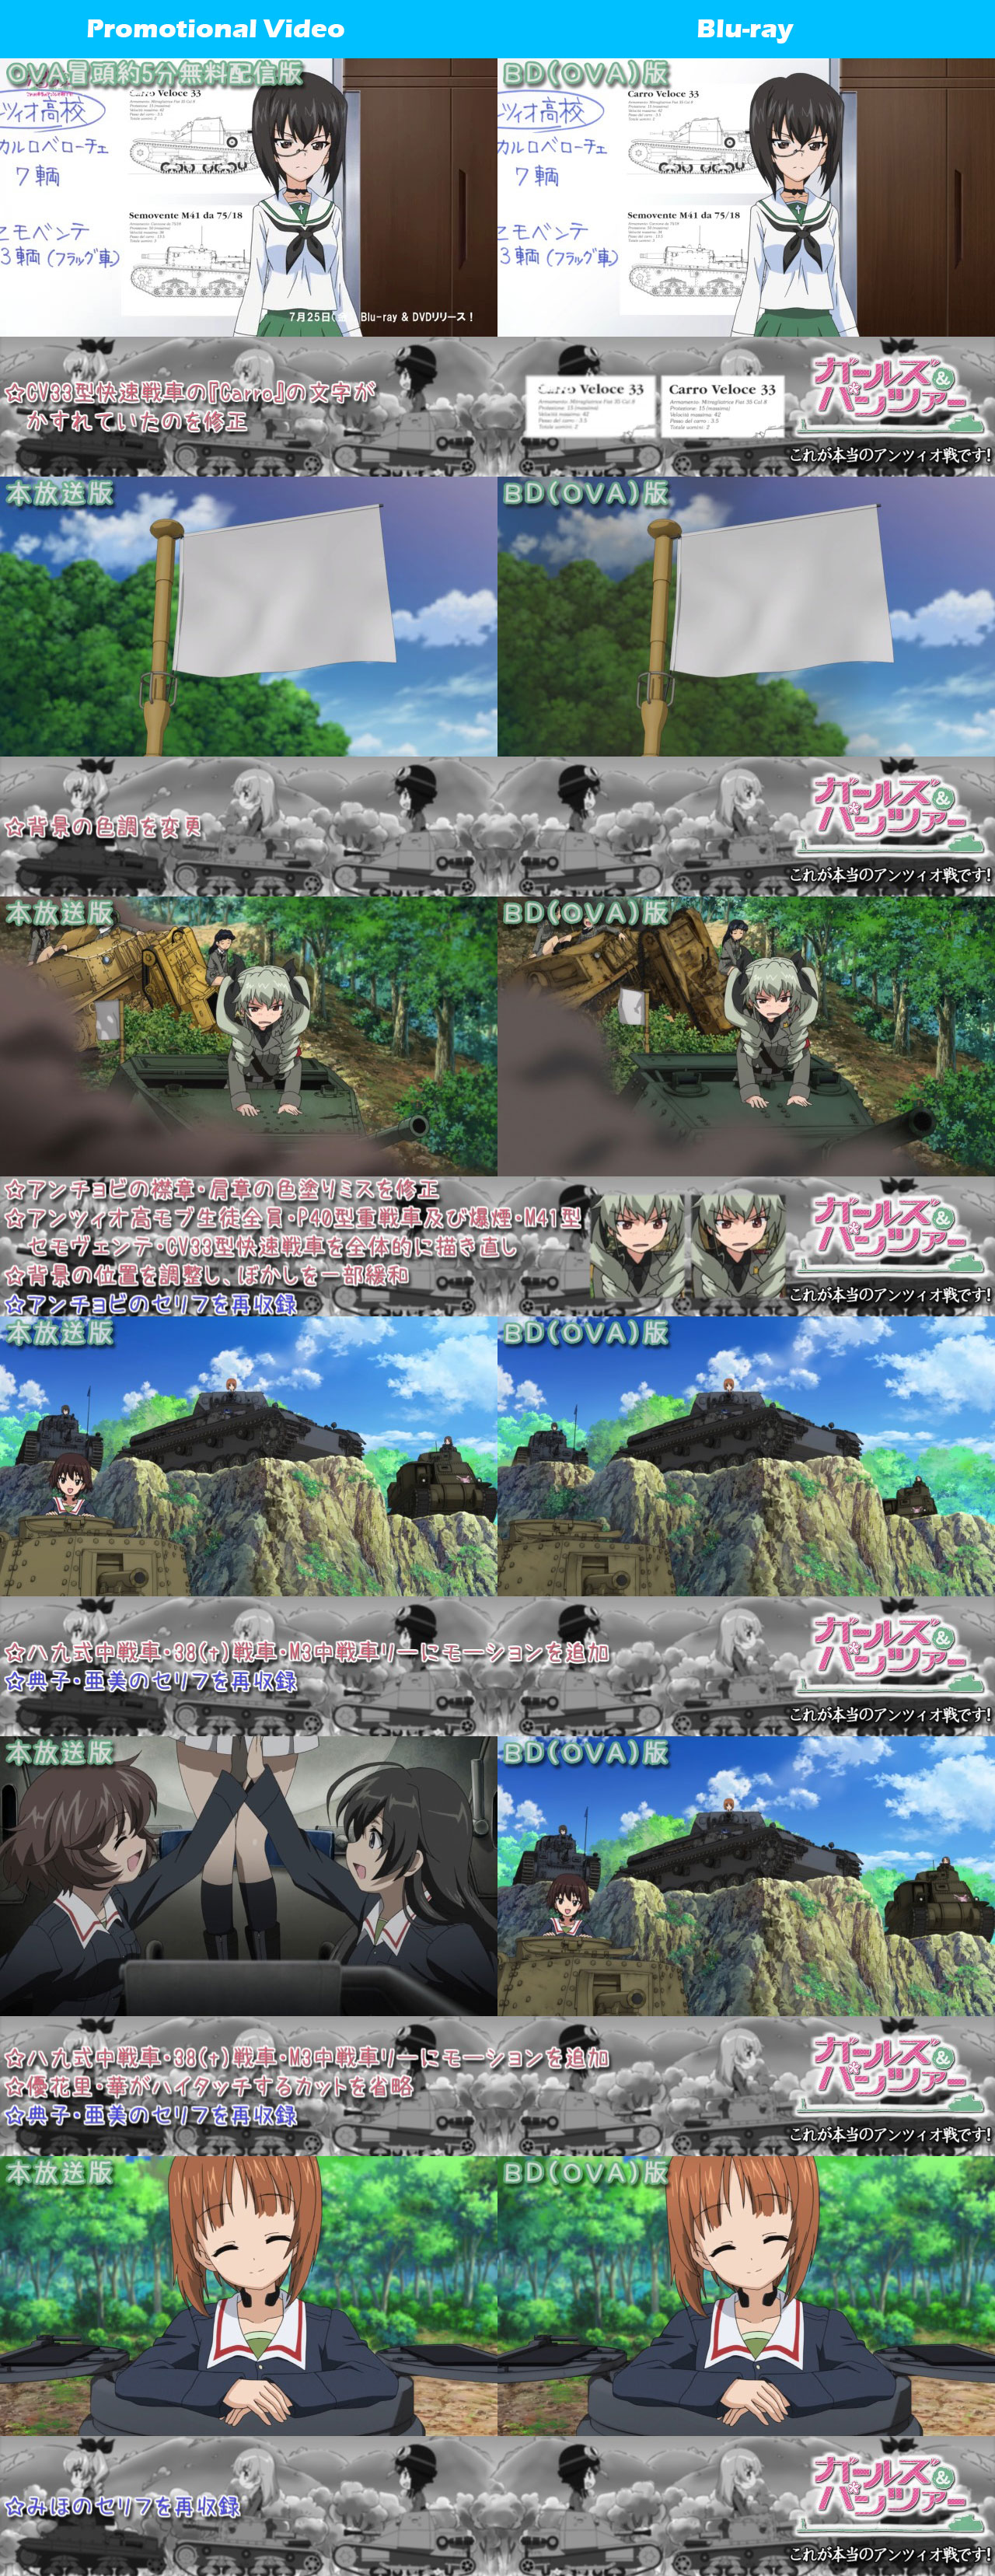 Girls-Und-Panzer-Kore-Ga-Hontou-No-Anzio-Sen-Desu-TV-and-Blu-ray-Comparison-6